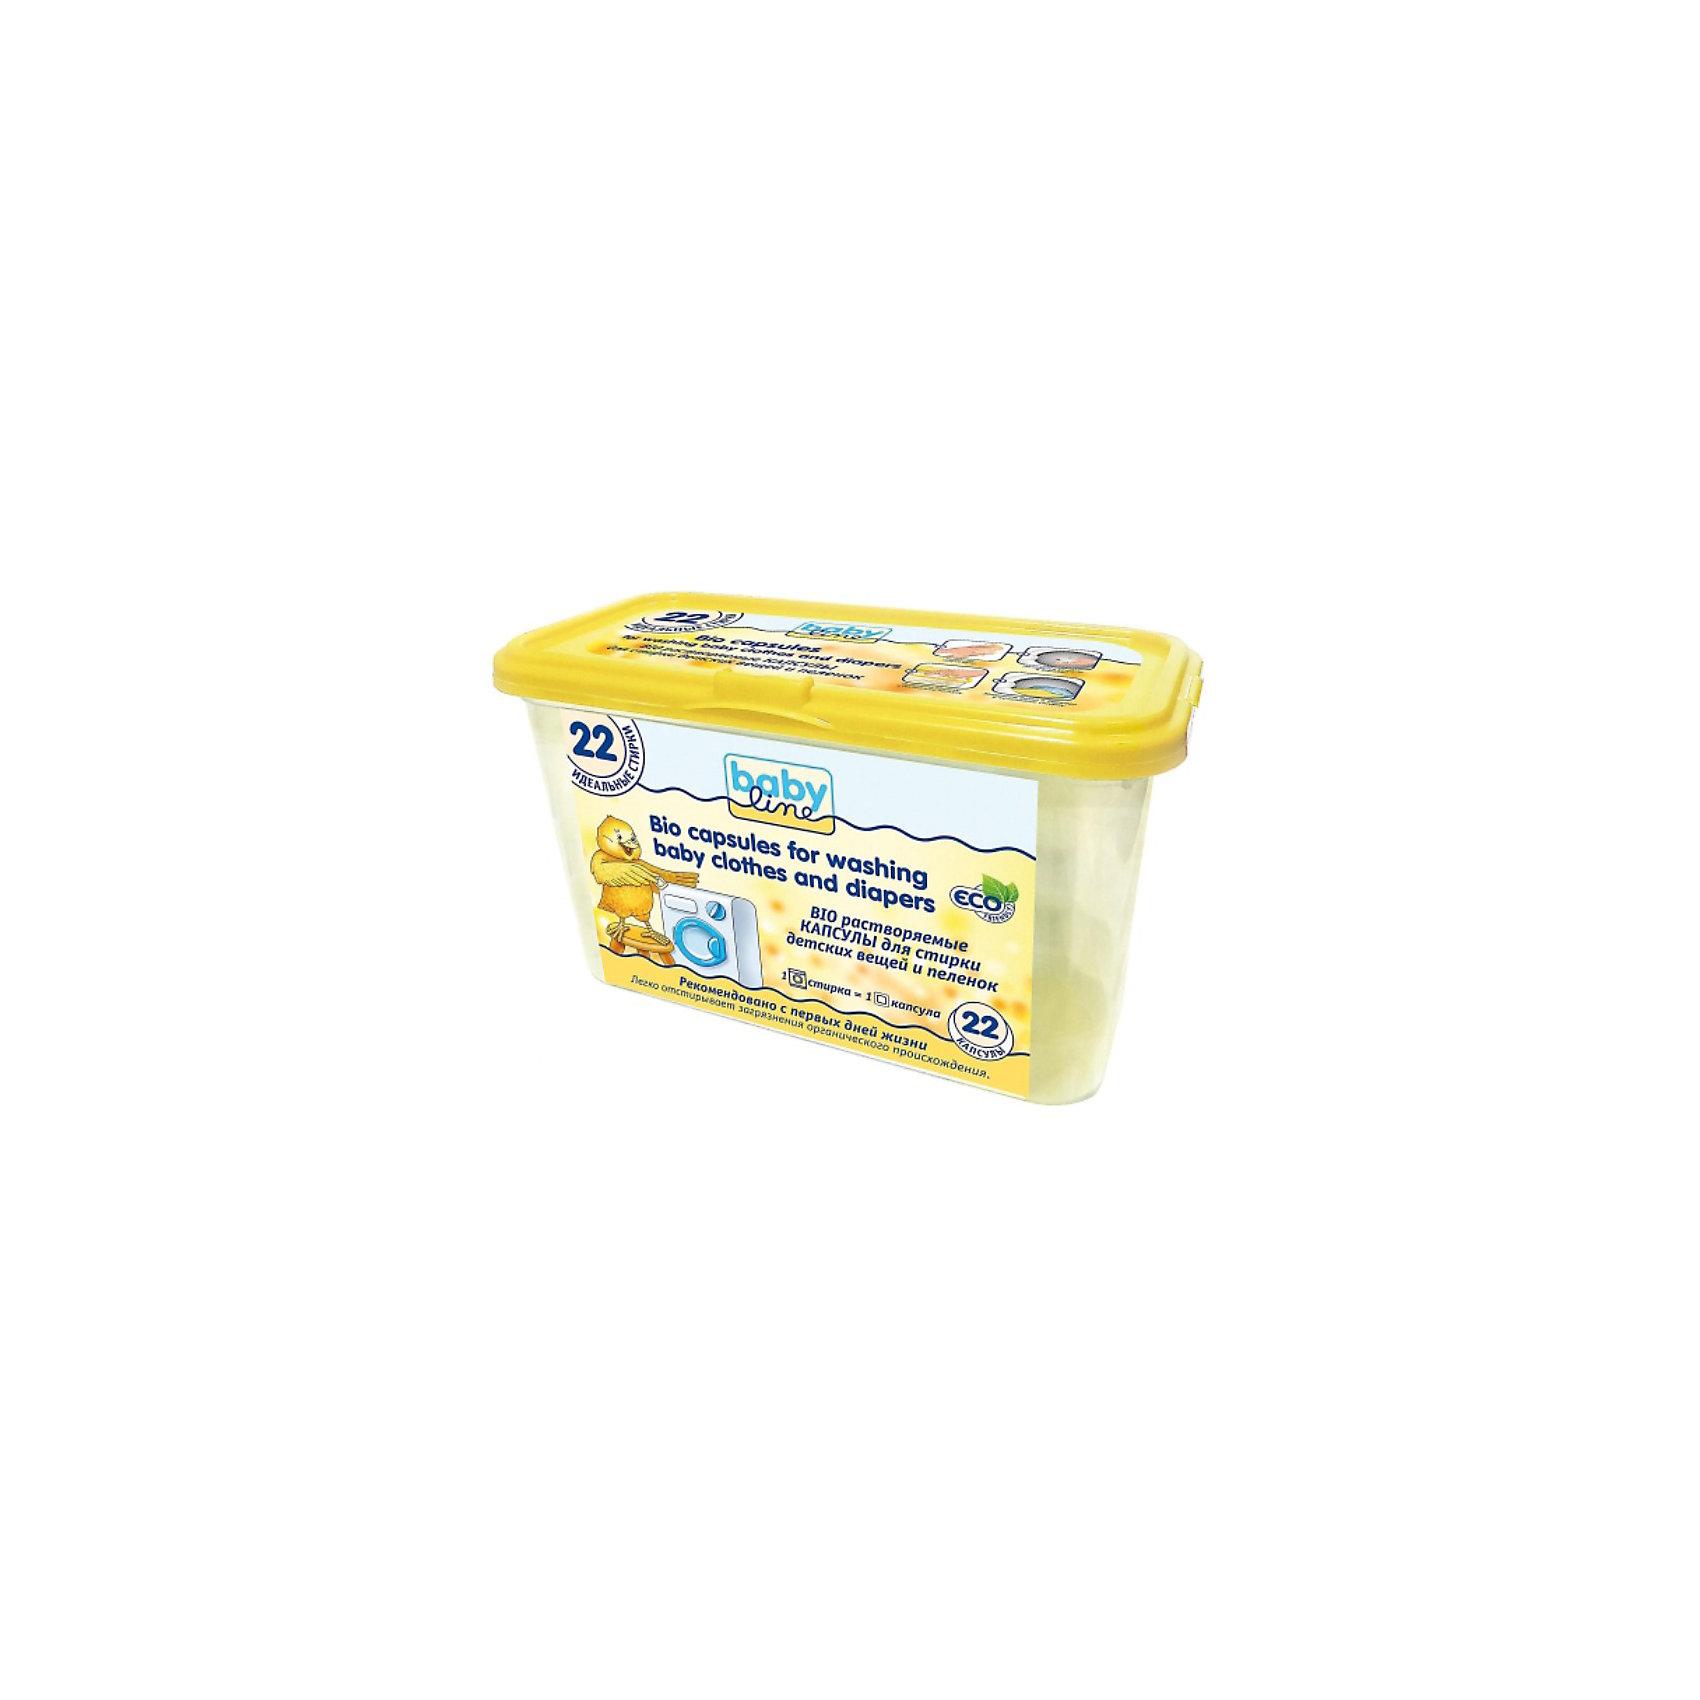 BIO растворяемые капсулы для стирки детских вещей и пеленок, BabyLine, 22 штук (Babyline)